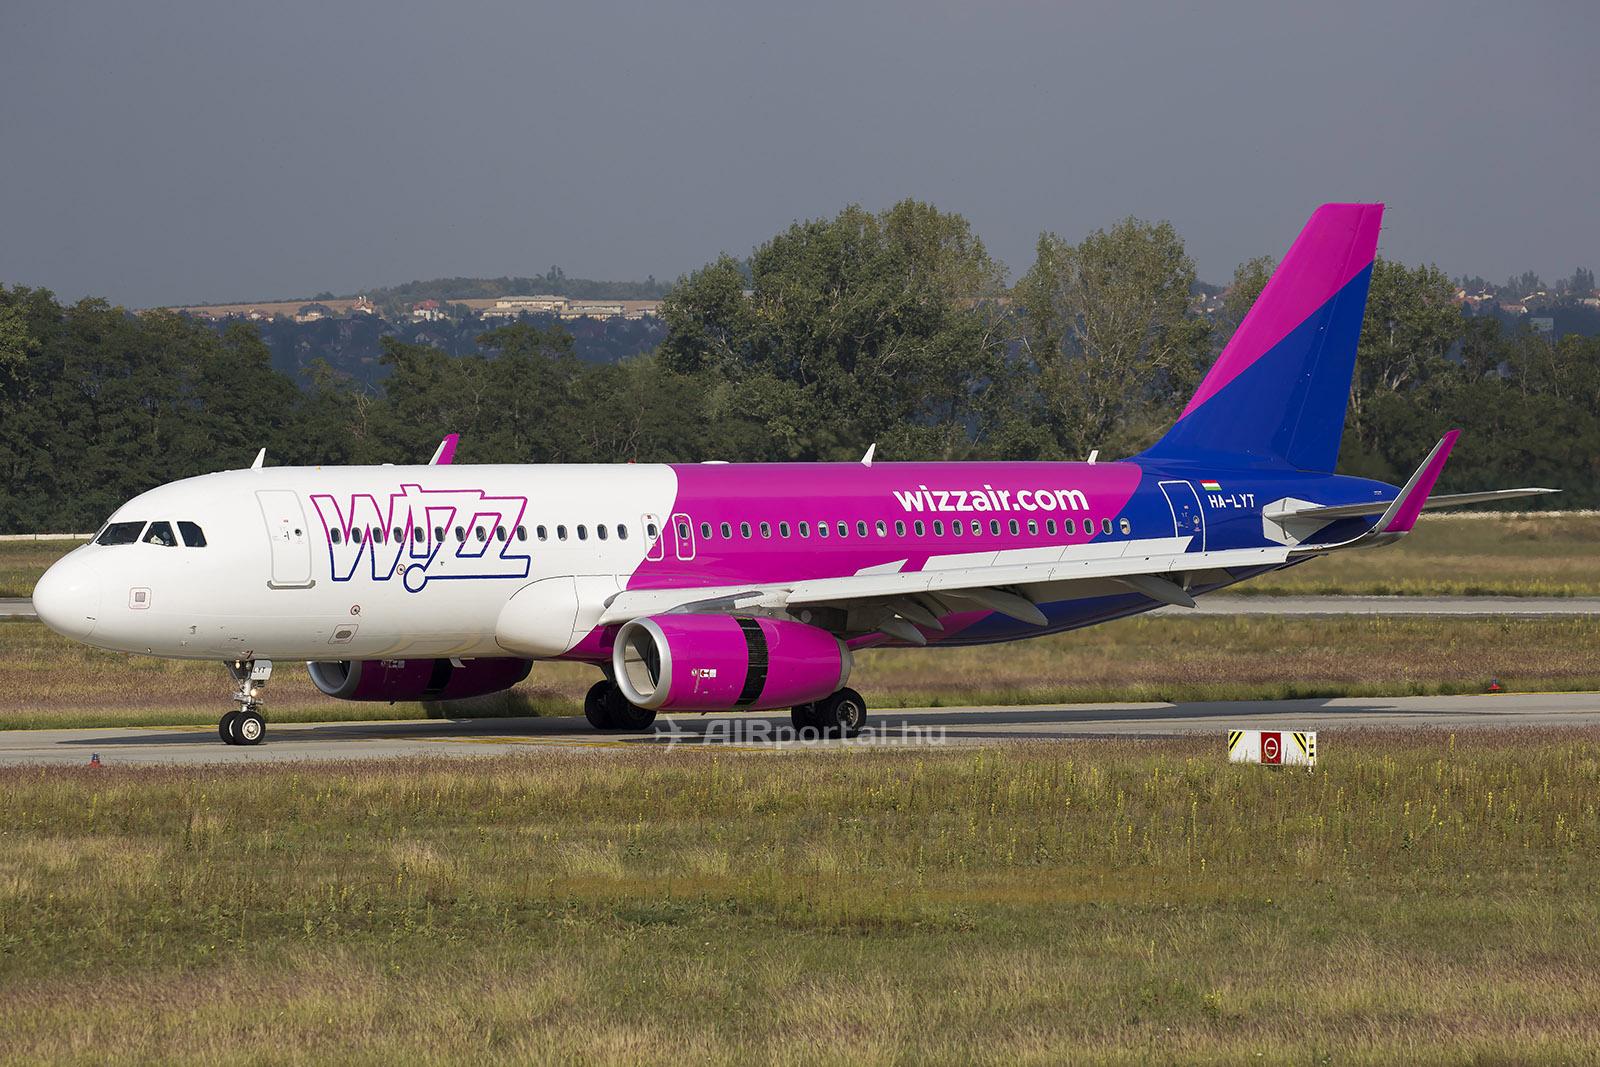 A Wizz Air fejlődött a legnagyobbat a Malév csődje óta Budapesten. (Fotó: AIRportal.hu)   © AIRportal.hu